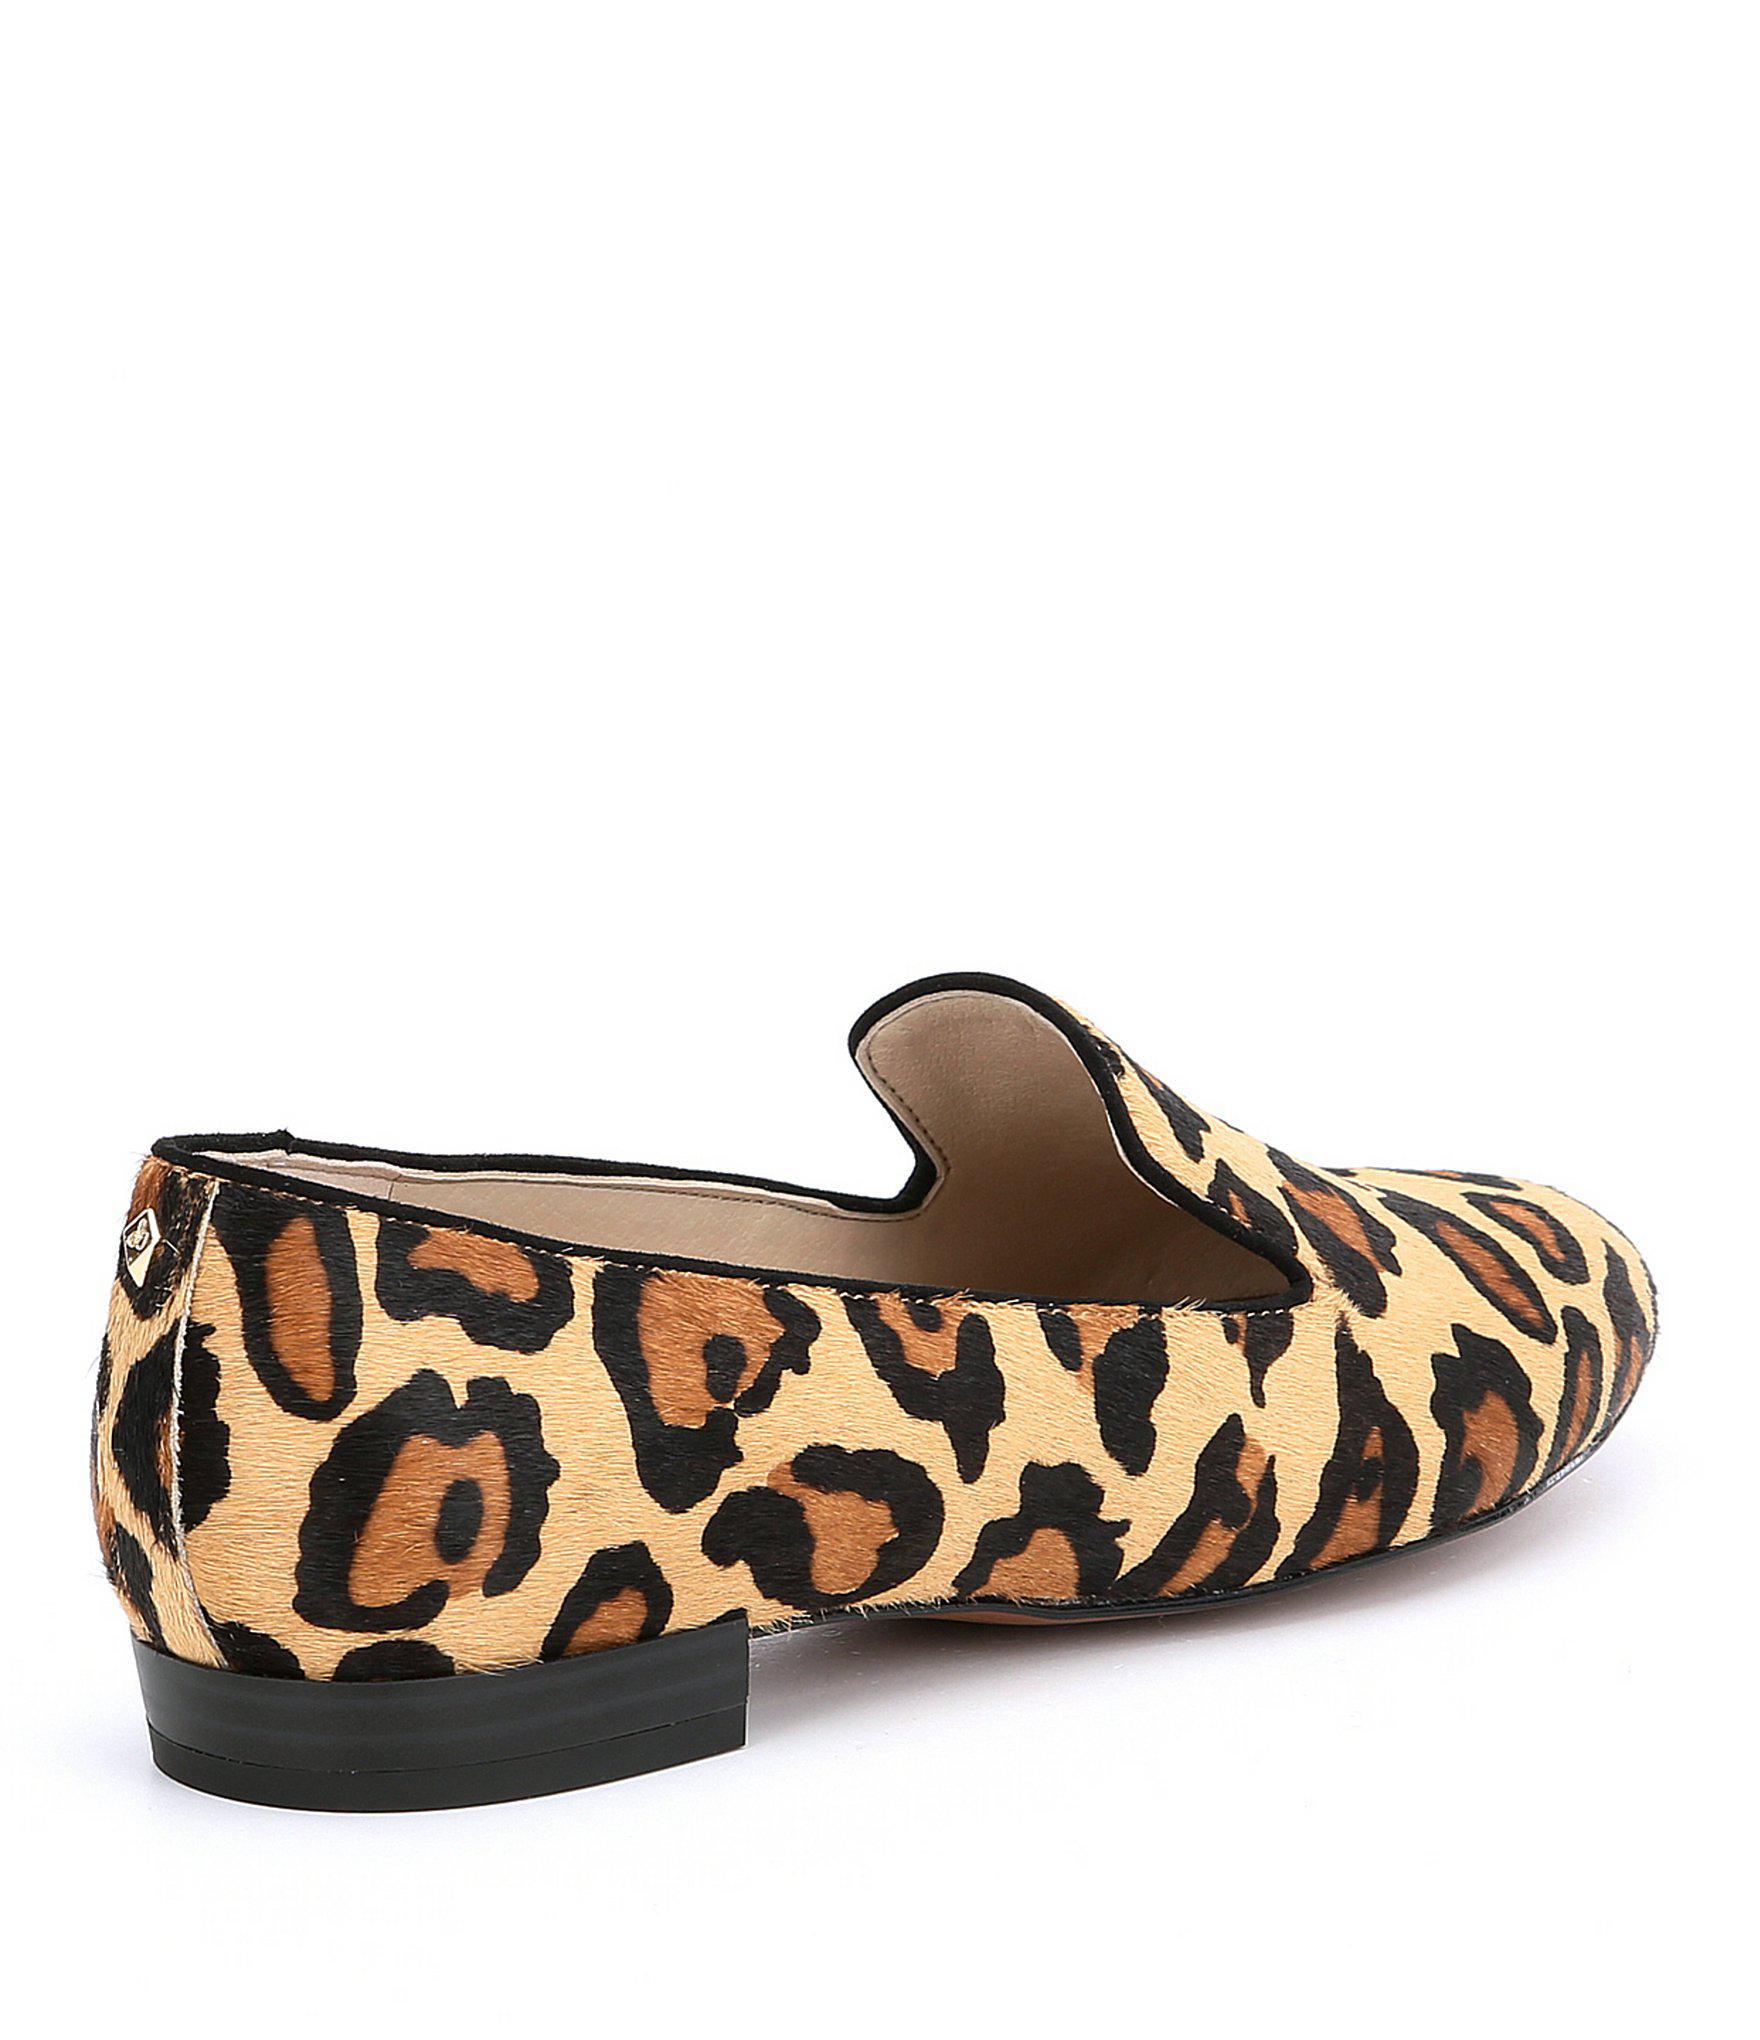 e8aa8e1dfb458b Lyst sam edelman jordy leopard brahma hair loafers in brown jpg 1760x2040 Sam  edelman leopard slip